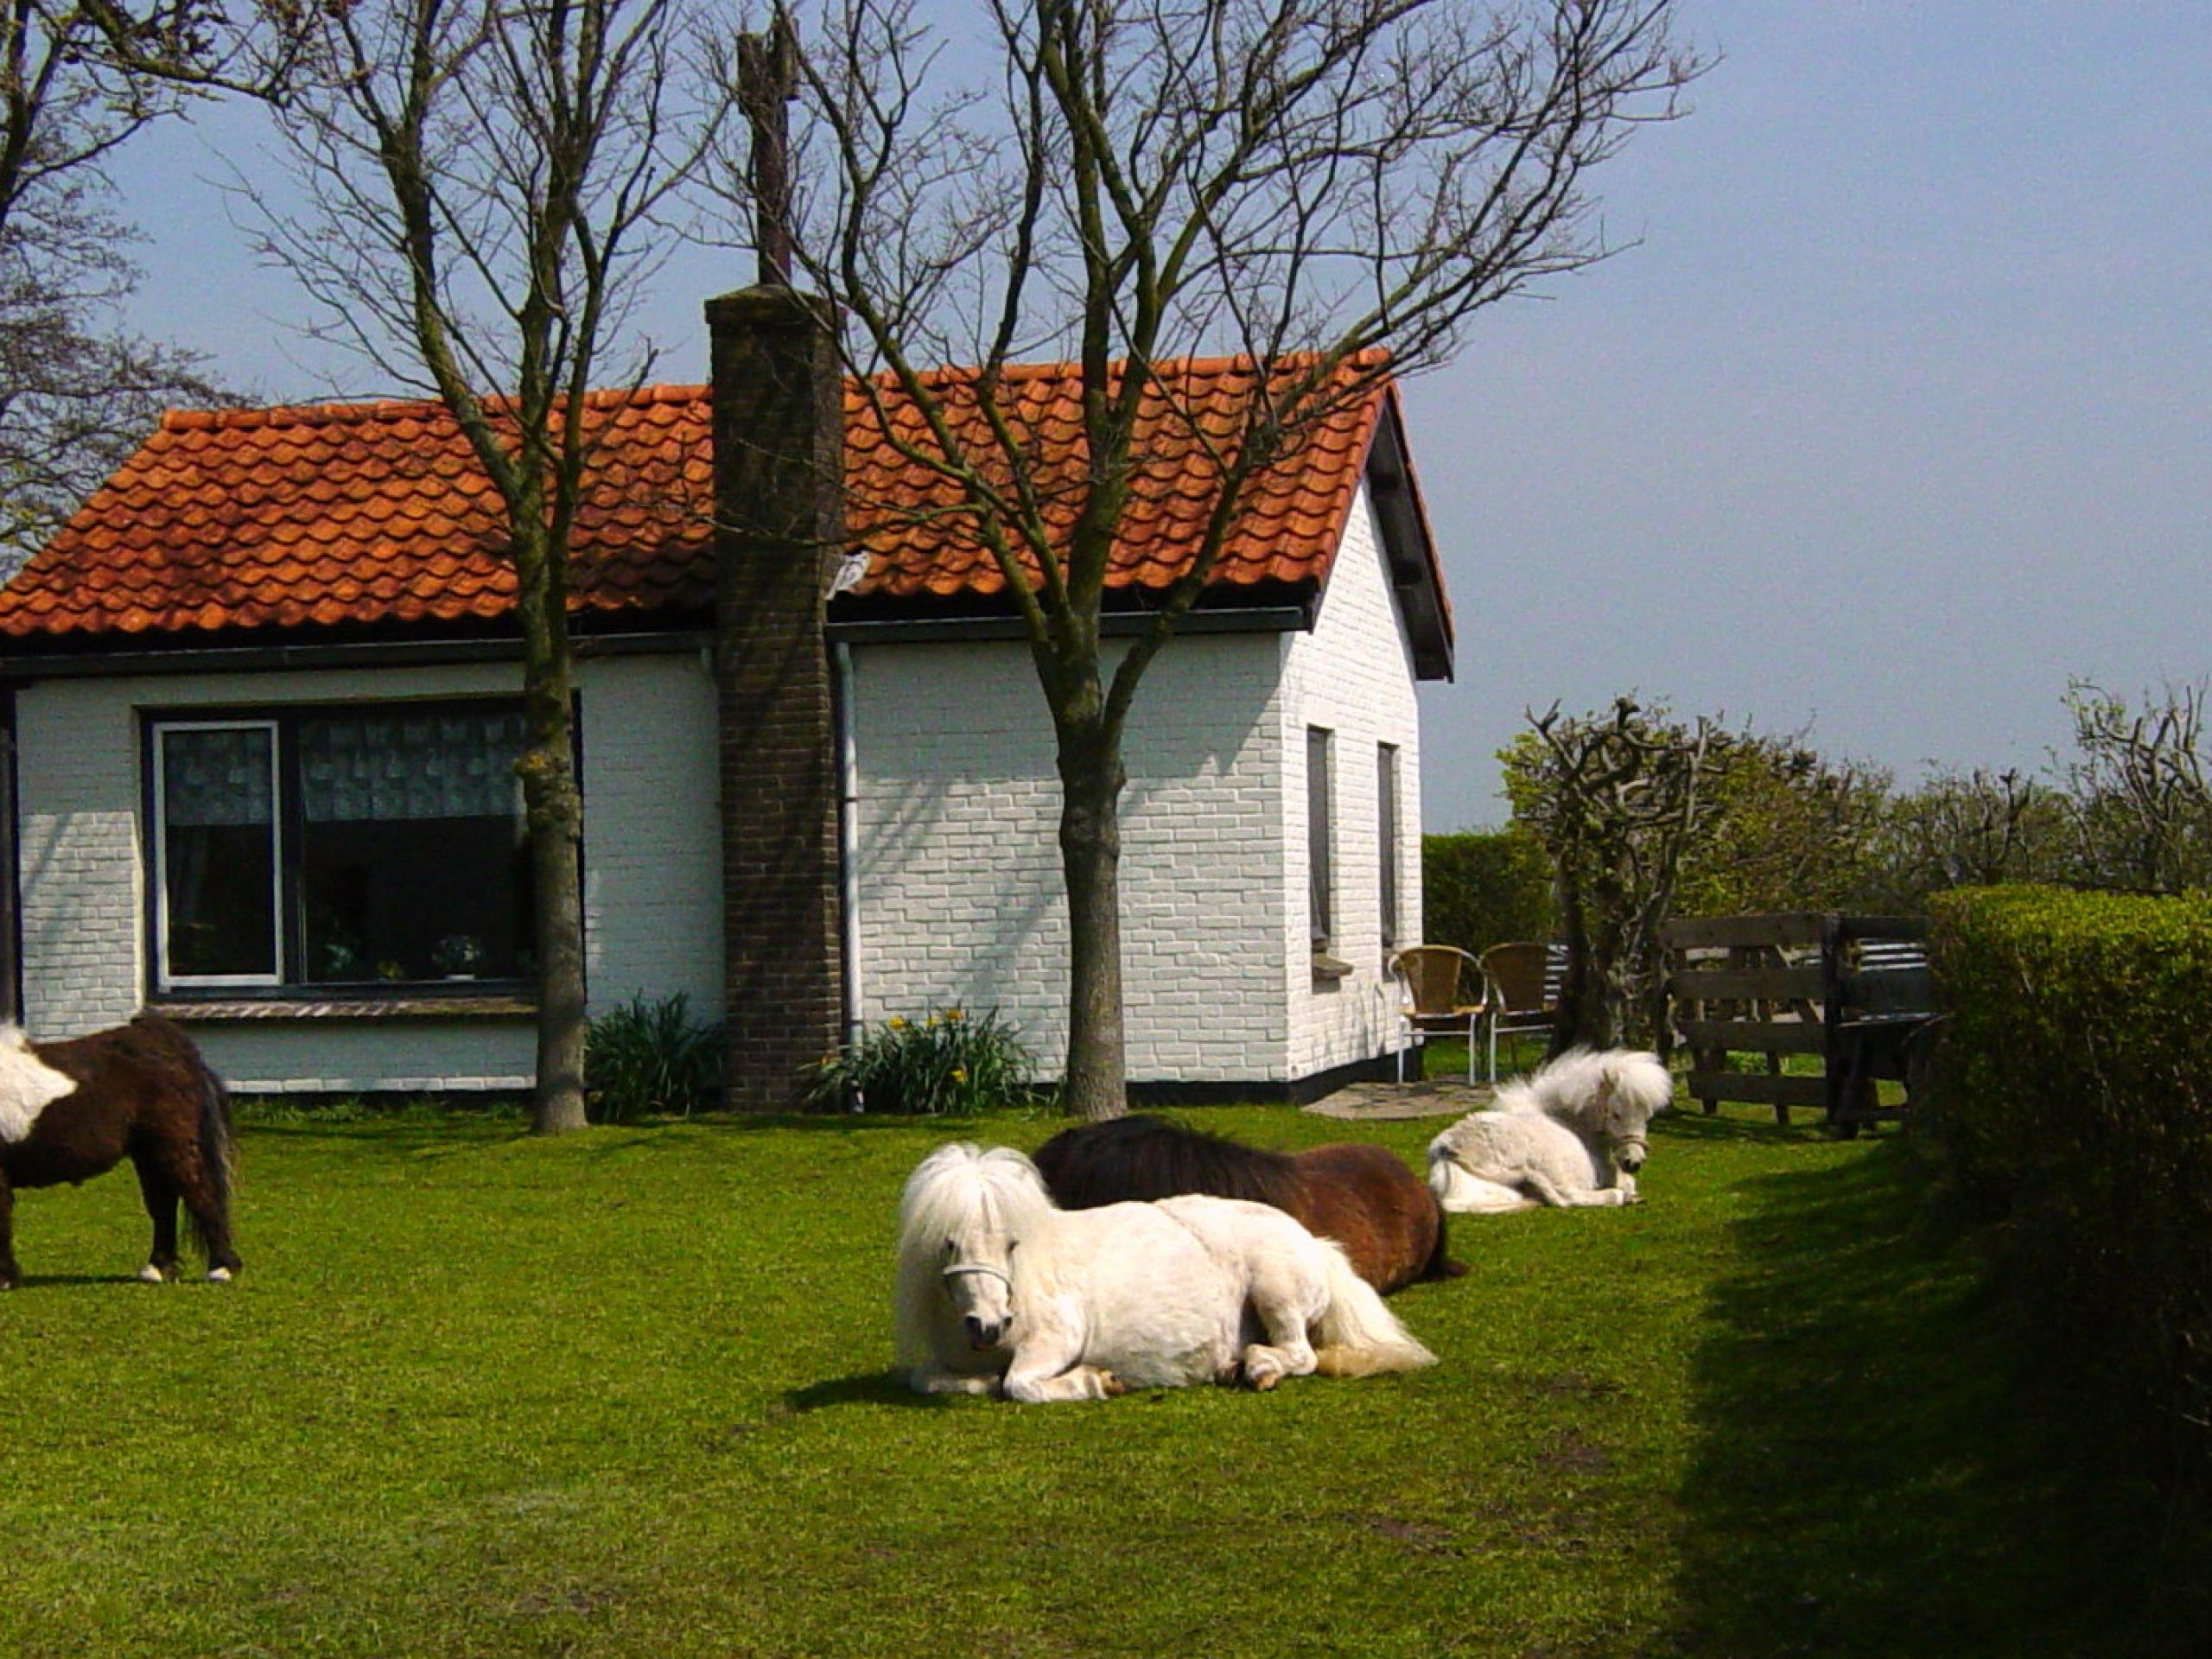 Ontspannen in een knus en rustig vakantiehuisje met eigen tuin tussen de Texelse weiden en dieren